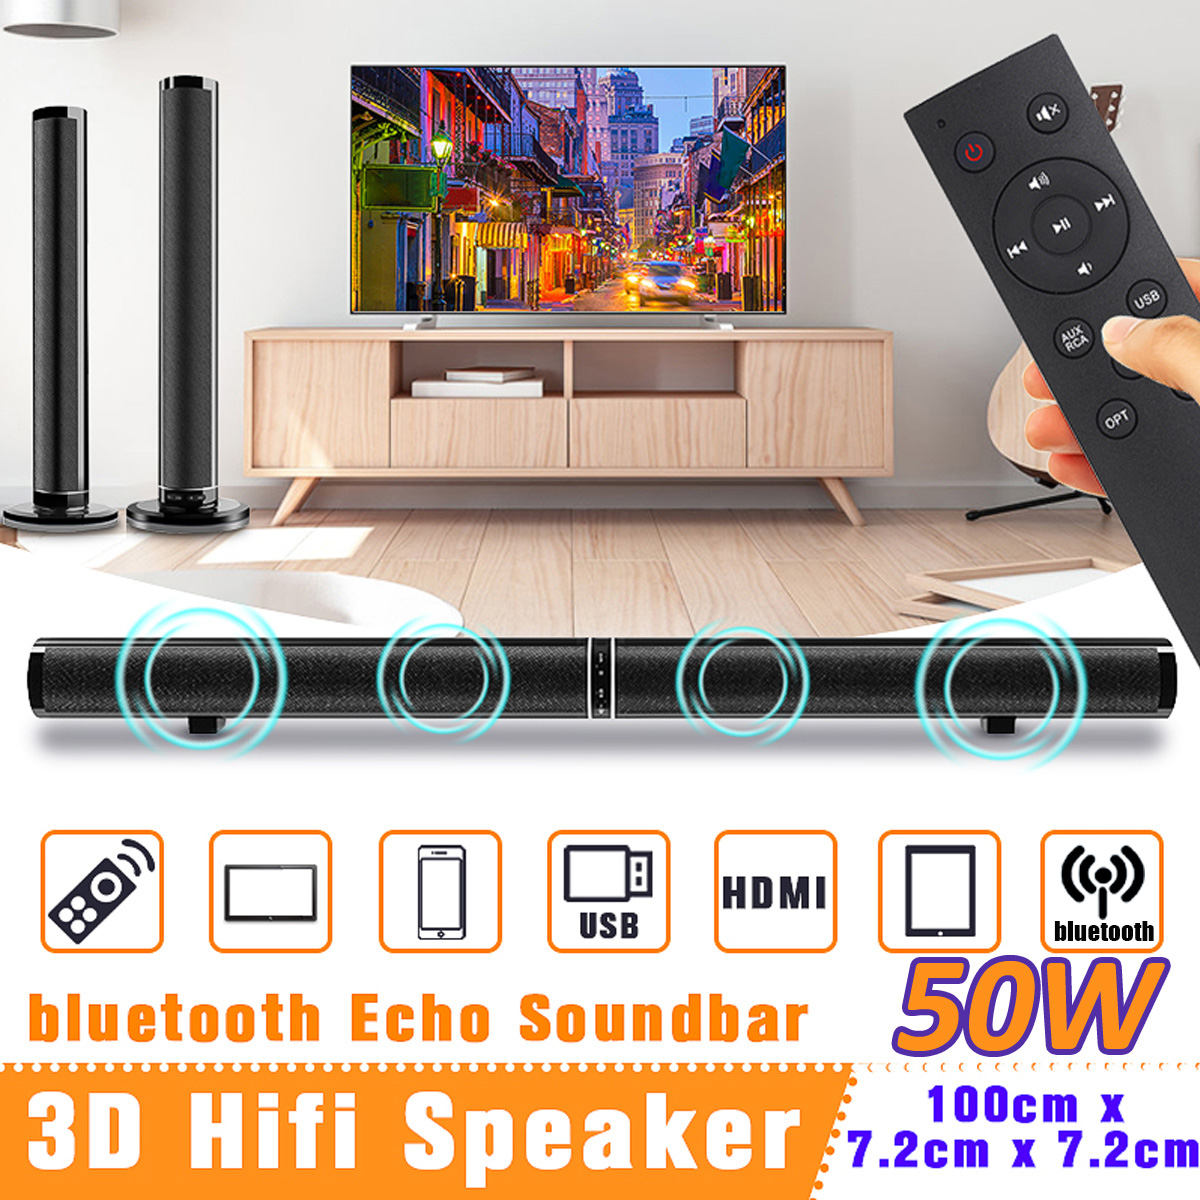 50 W sans fil bluetooth TV barre de son haut-parleur Sub Woofer Surround stéréo Home cinéma système ordinateur accrocher mur barre de son